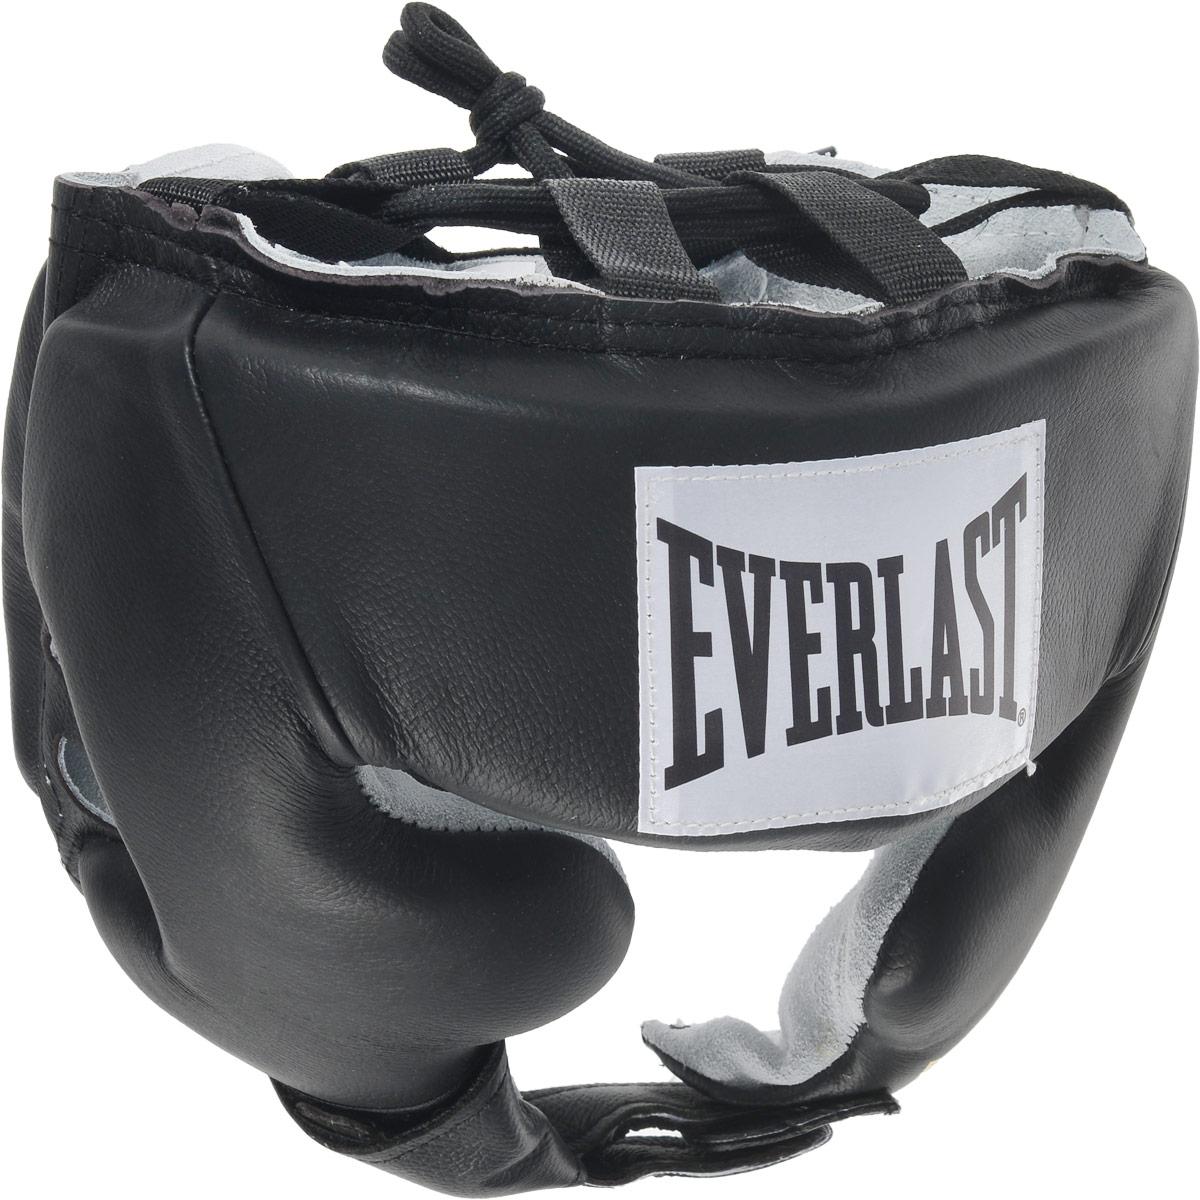 Шлем боксерский Everlast USA Boxing Cheek, с защитой щек, цвет: черный, белый. Размер XL610400UEverlast USA Boxing Cheek - боксерский шлем, разработанный для выступления на любительских соревнованиях и одобренный ассоциацией USA Boxing. Плотный четырехслойный пенный наполнитель превосходно амортизирует удары и значительно снижает риск травмы. Качественная натуральная кожа (снаружи) и не менее качественная замша (внутри) обеспечивают значительный запас прочности и отличную износоустойчивость. Подгонка под необходимый размер и фиксация на голове происходят за счет надежной застежки на липучке.Если вы еще ищите шлем для предстоящих соревнований, то Everlast USA Boxing Cheek - это ваш выбор!Диаметр головы: 20 см.